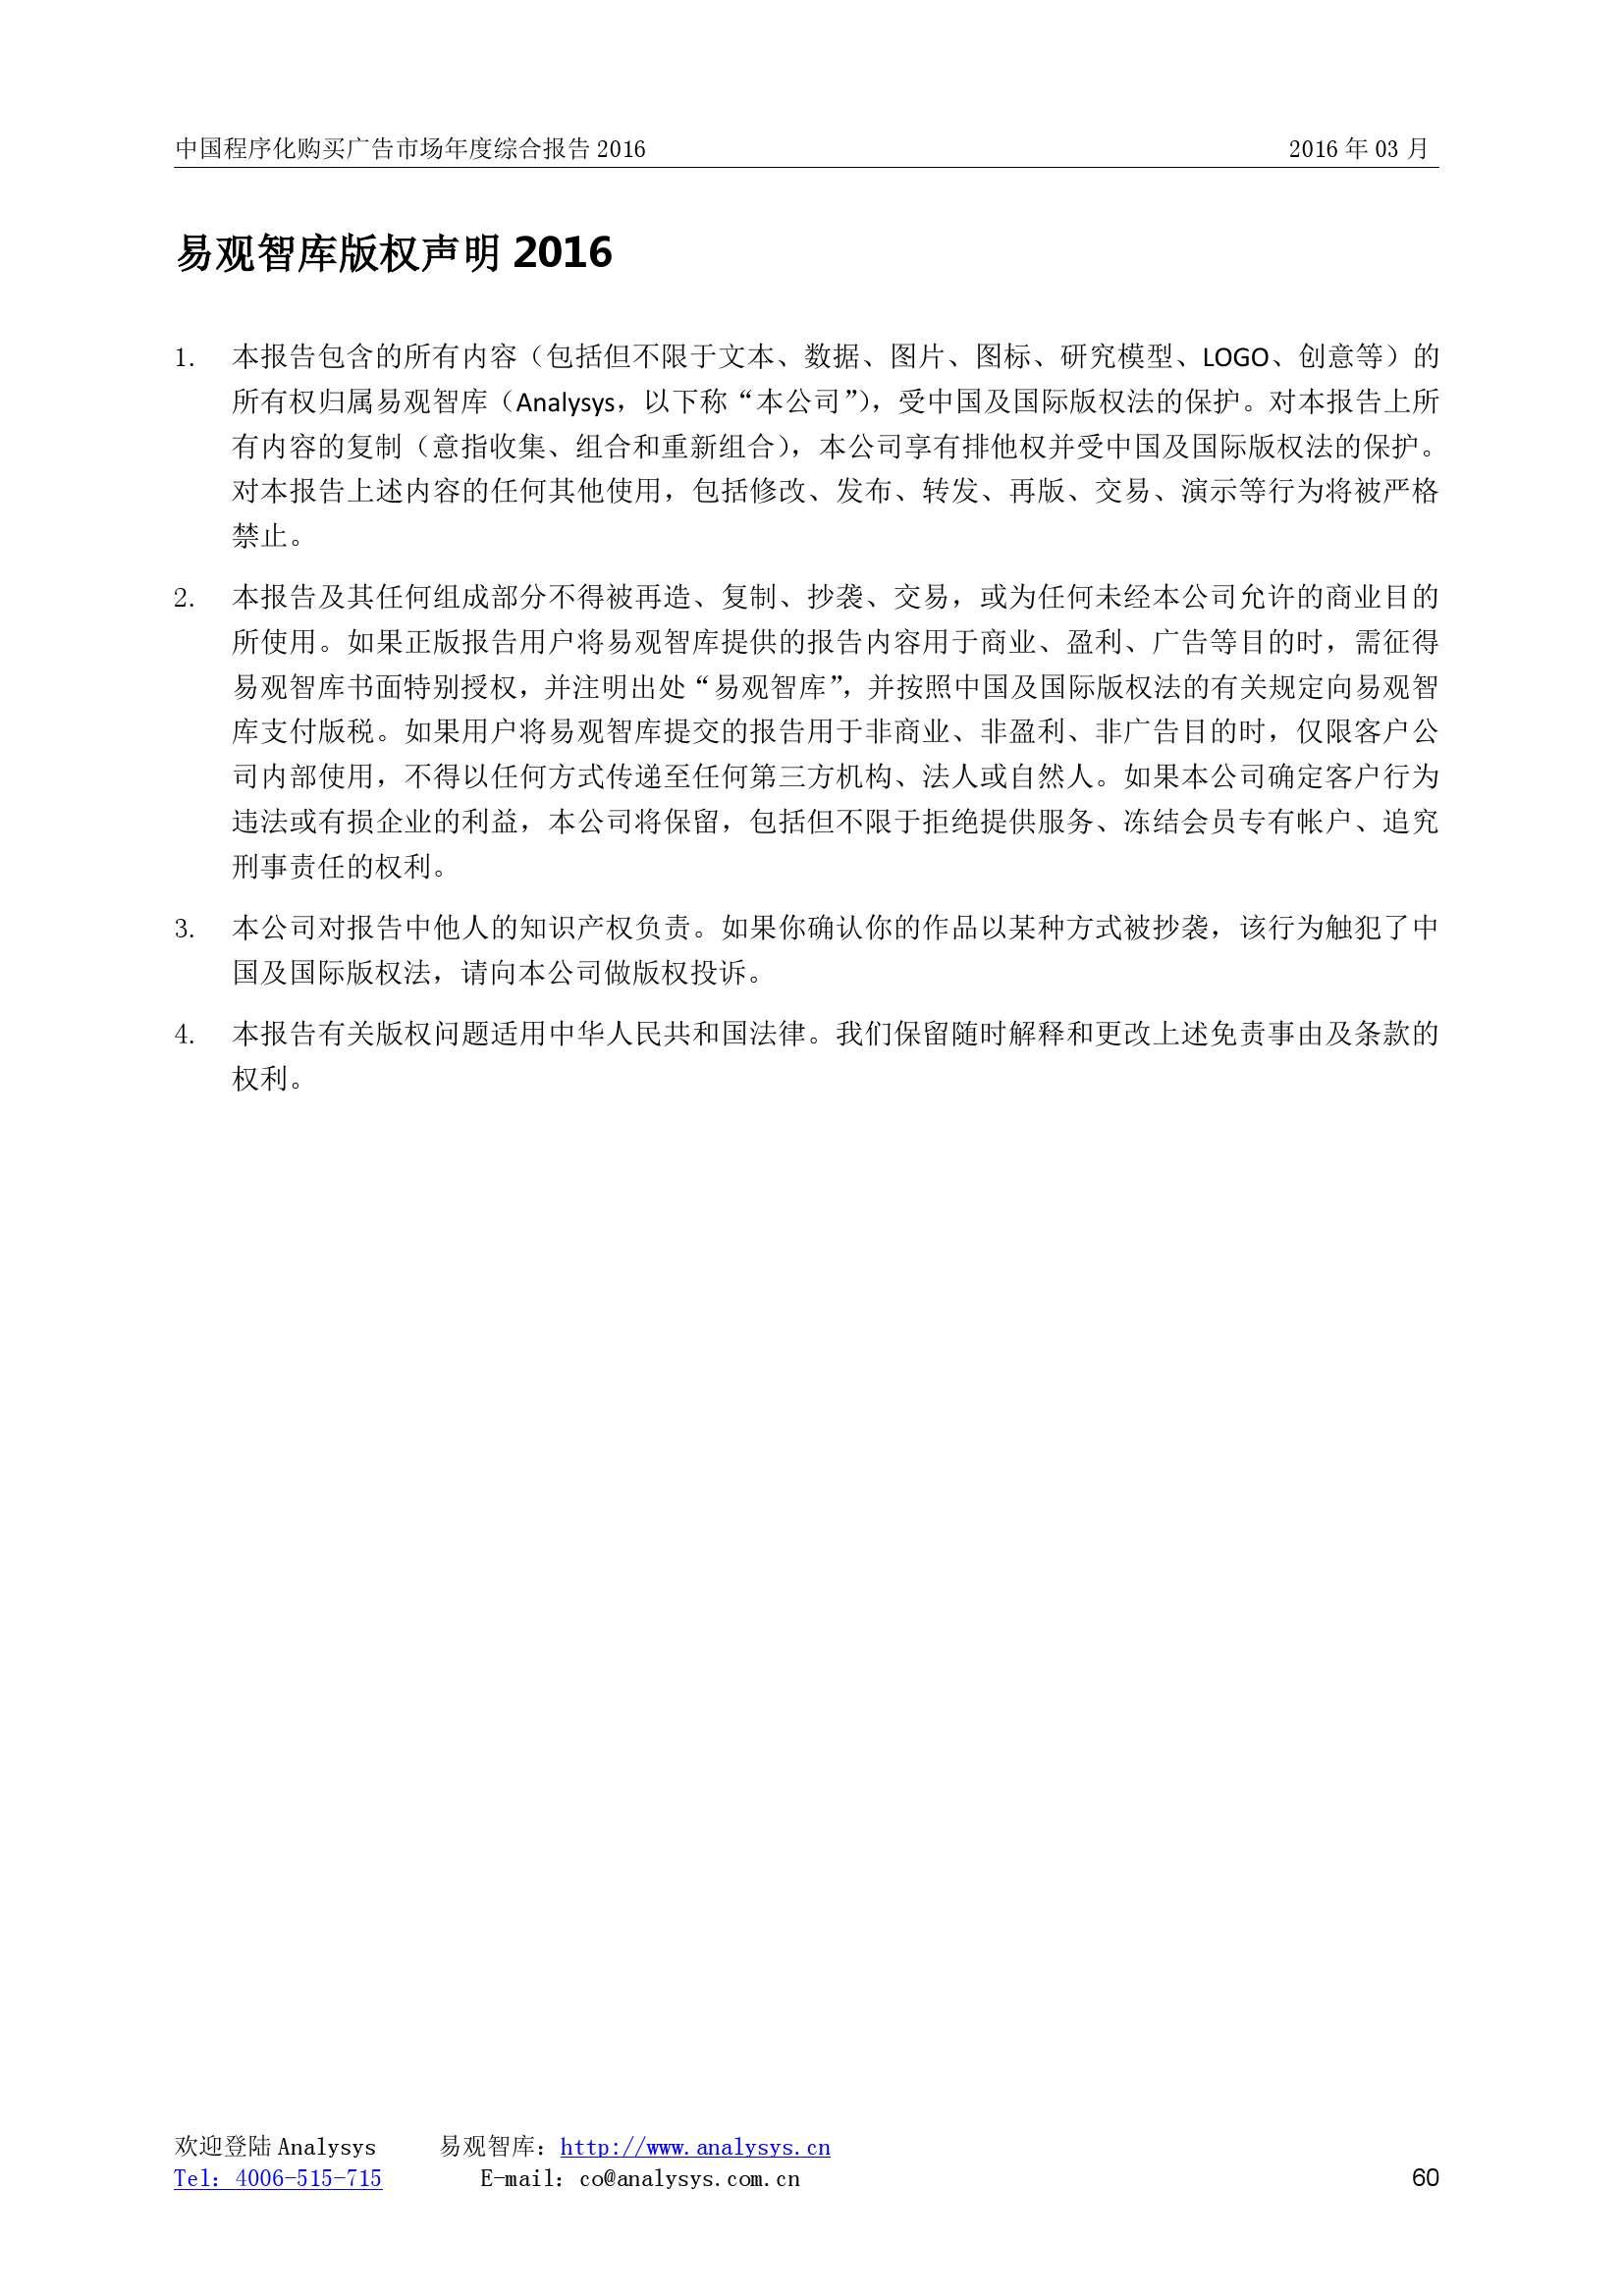 中国程序化购买广告市场年度综合报告2016_000060